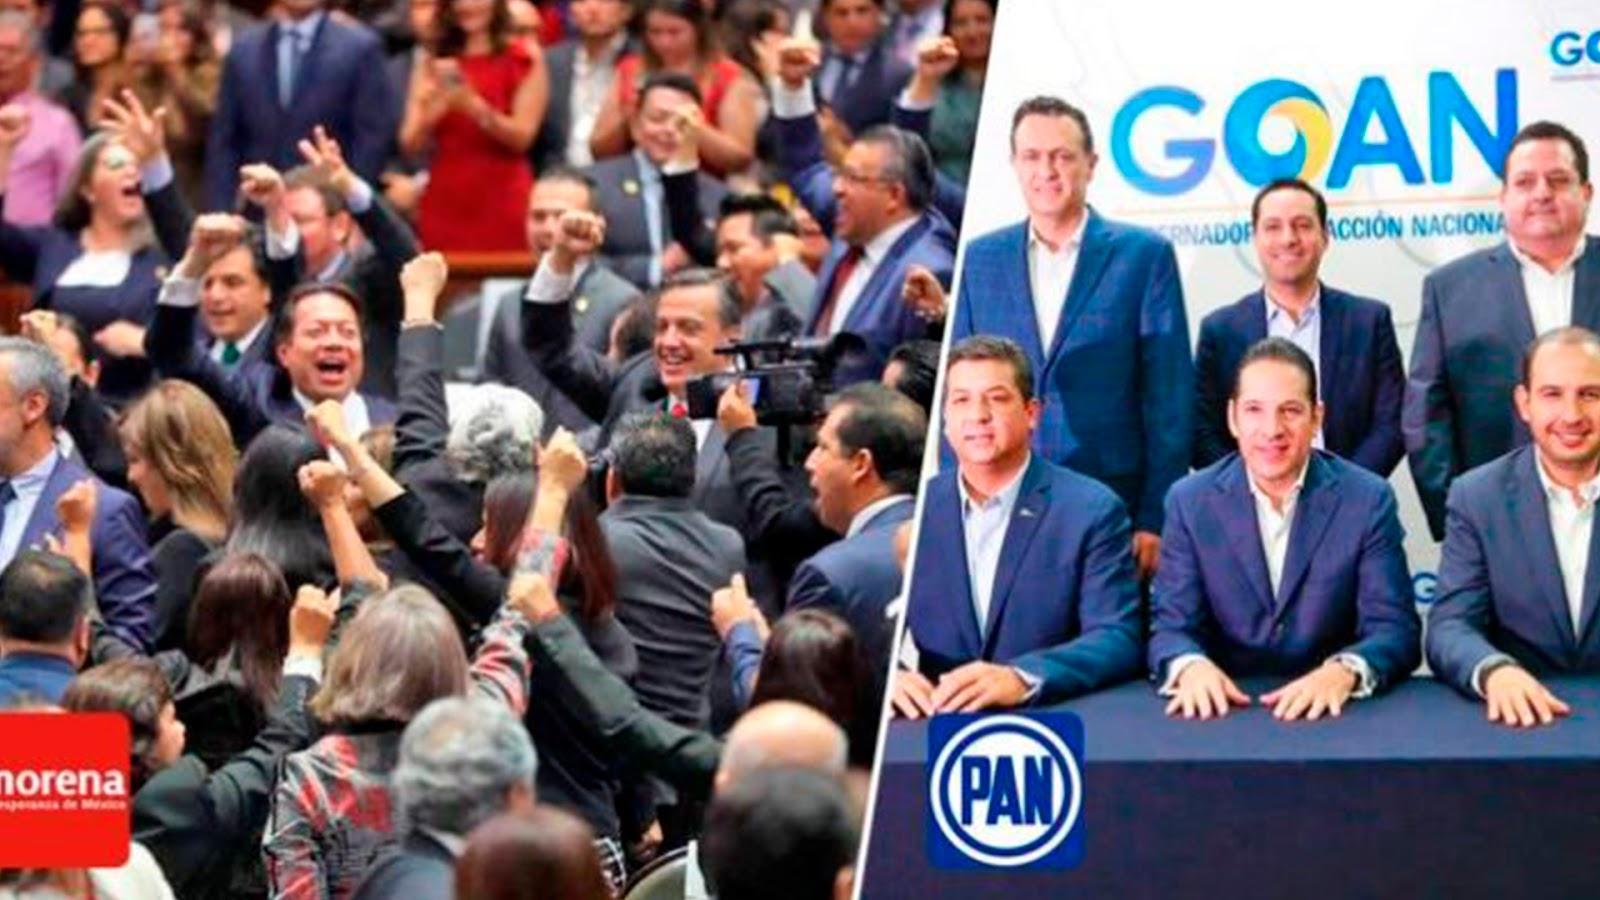 En encuesta de 100.000 votos, Morena arrasaría con el PAN con el 87% de los votos en elecciones del 2021